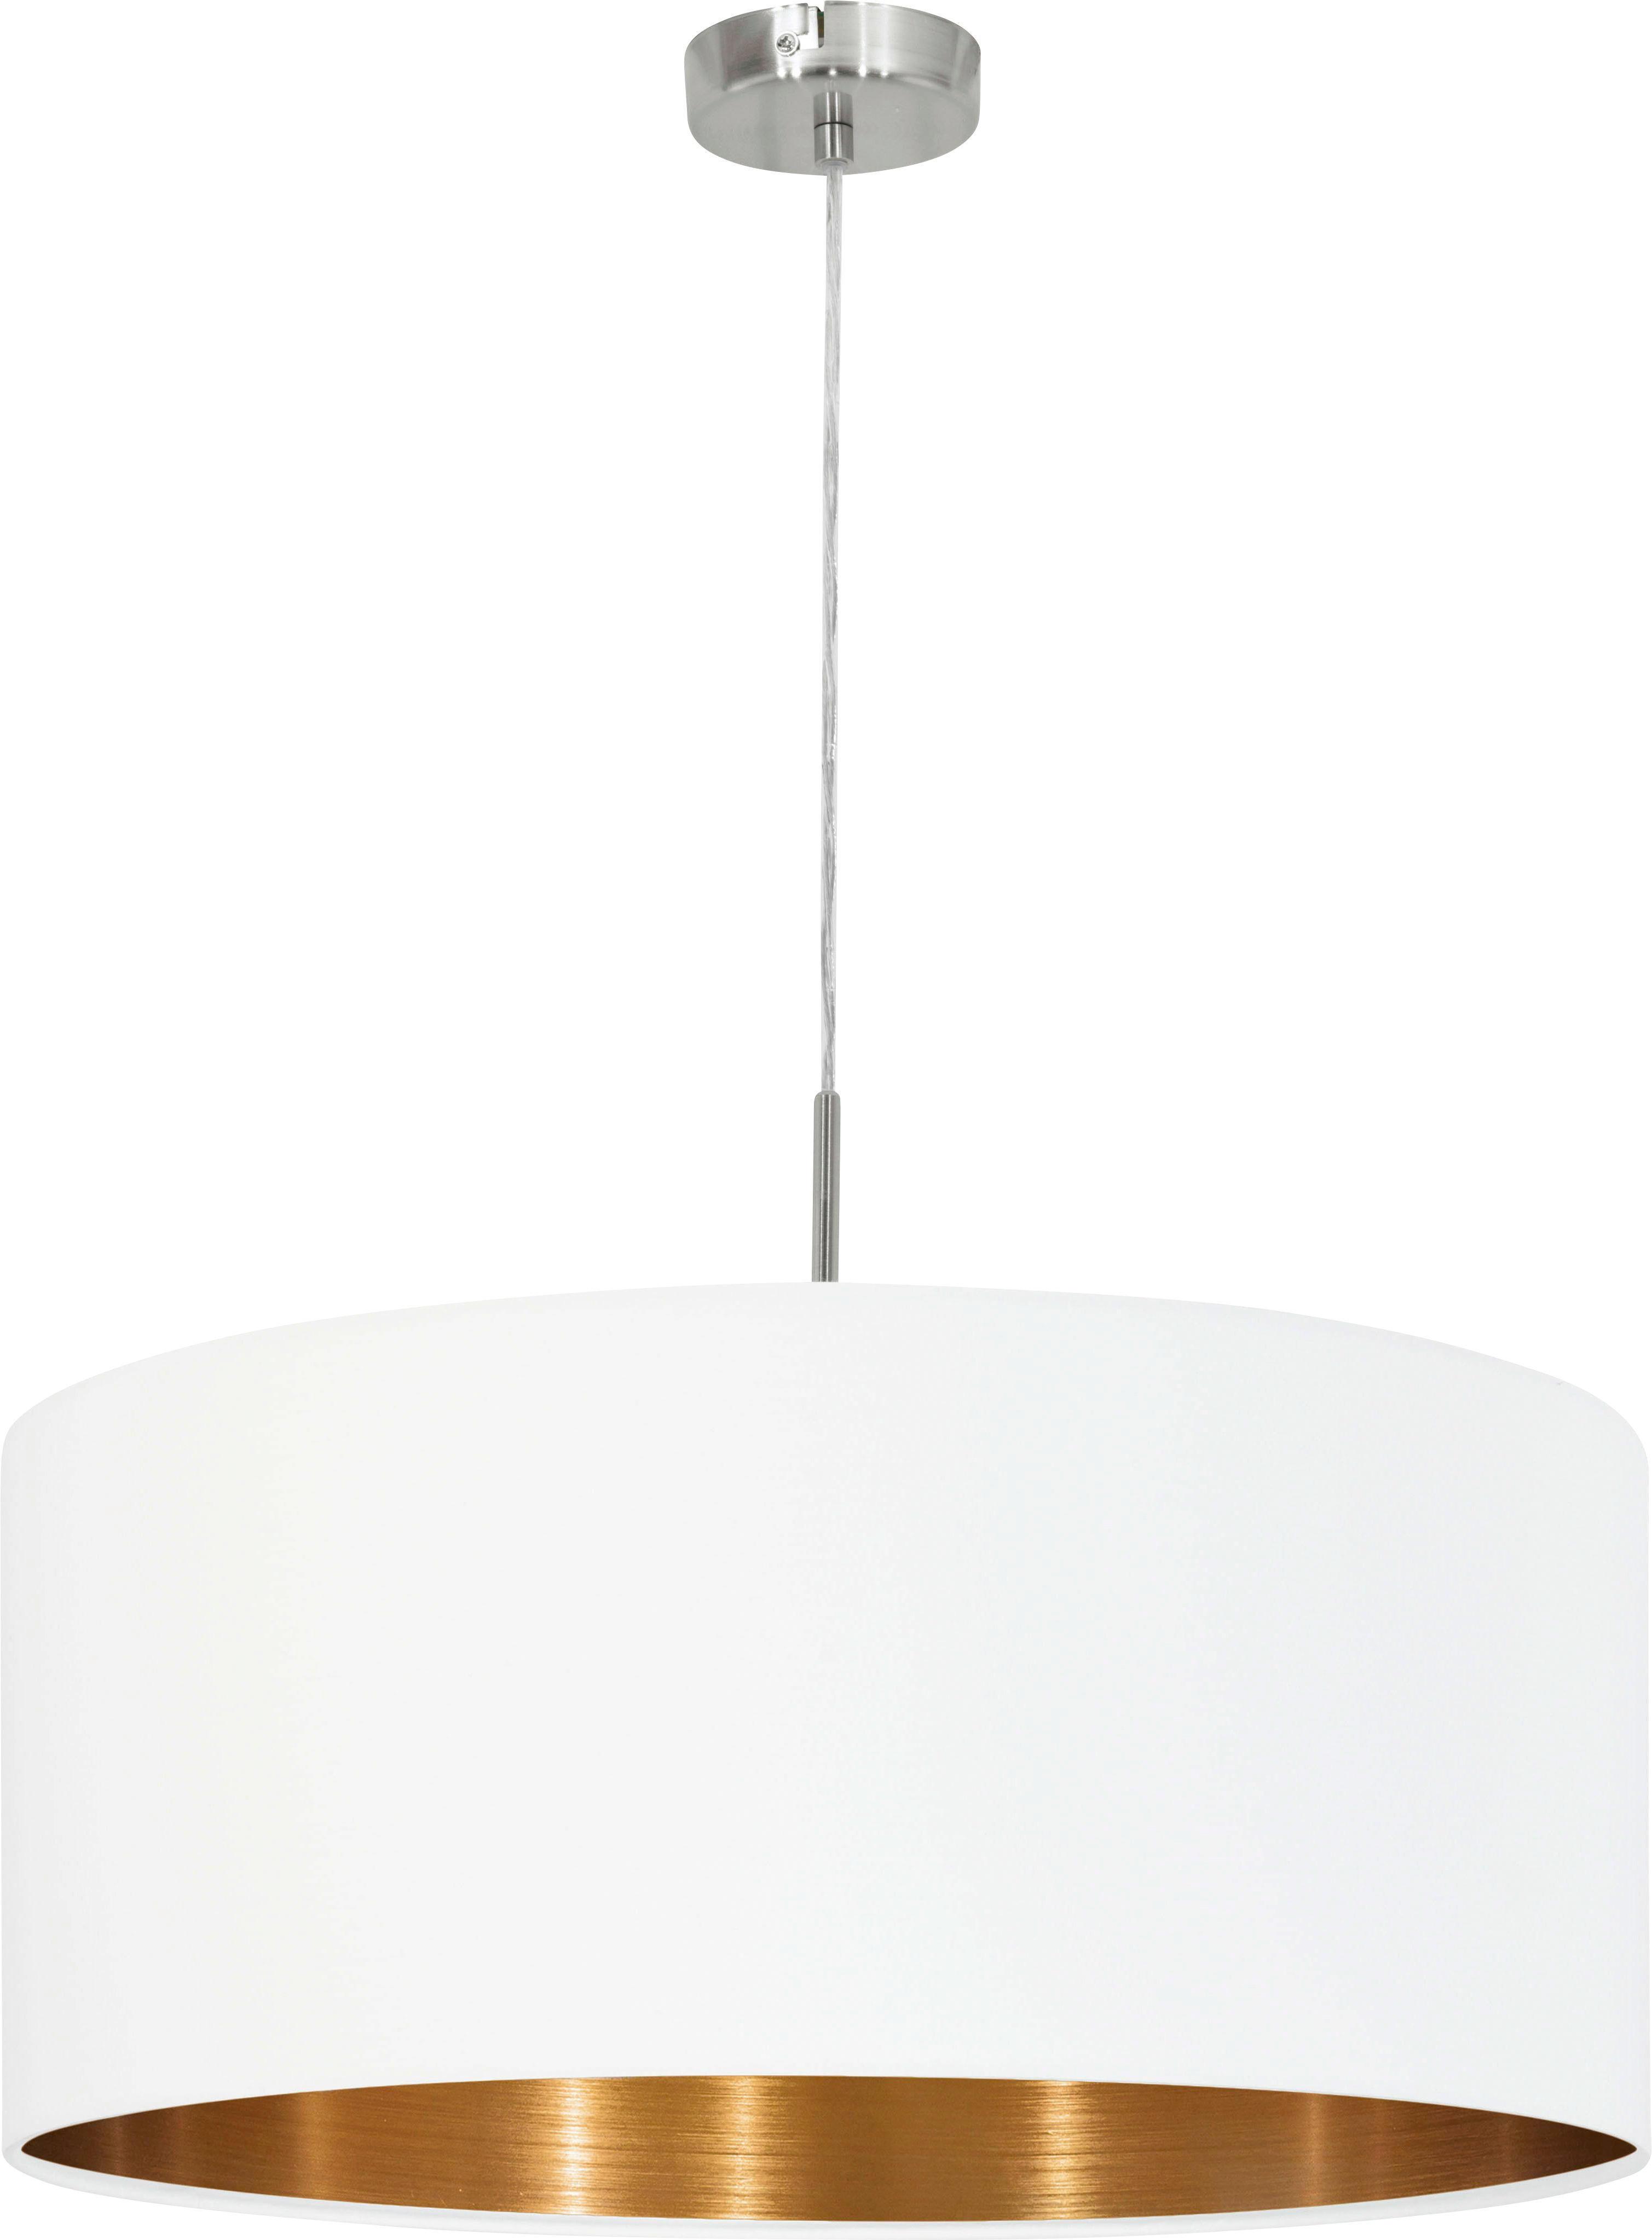 SVÍTIDLO ZÁVĚSNÉ - bílá/měděné barvy, Lifestyle, kov/textil (53/110cm) - NOVEL